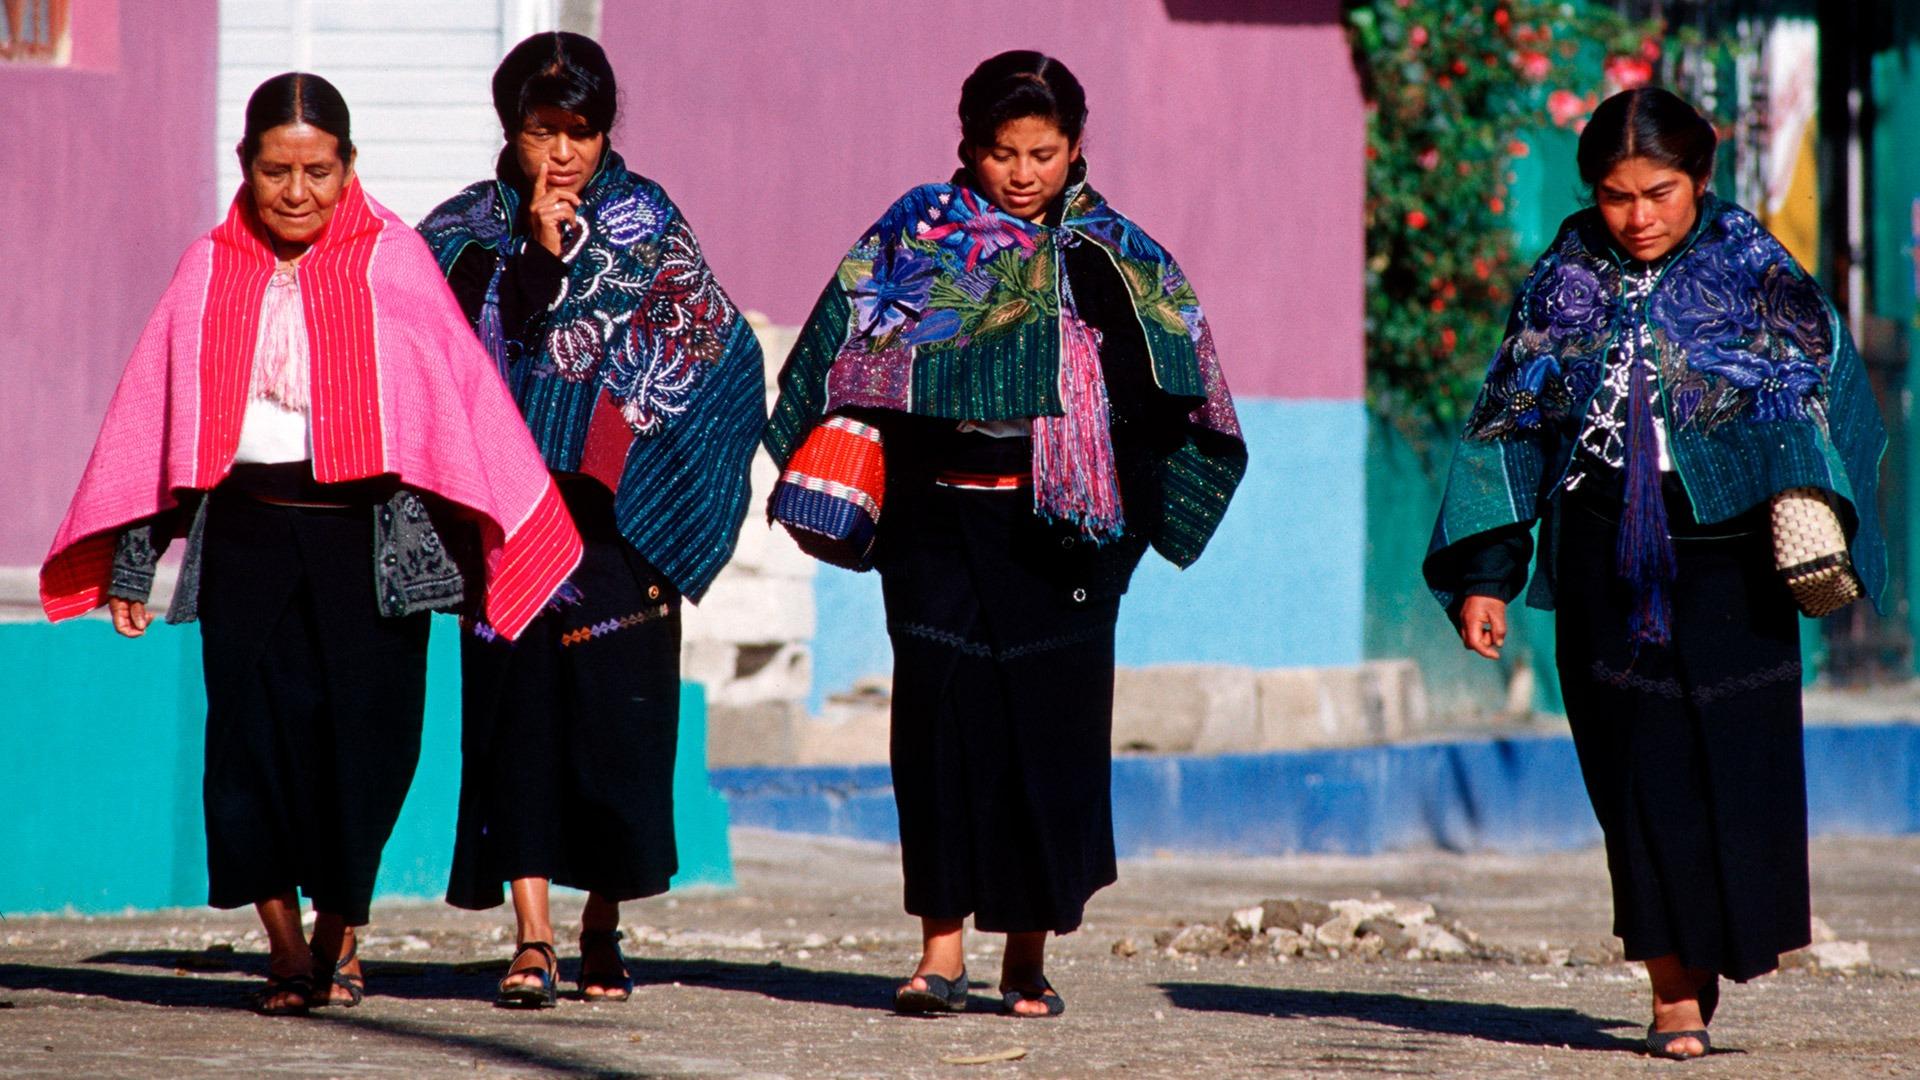 Tzotzil Maya women in Zinacantan, Mexico